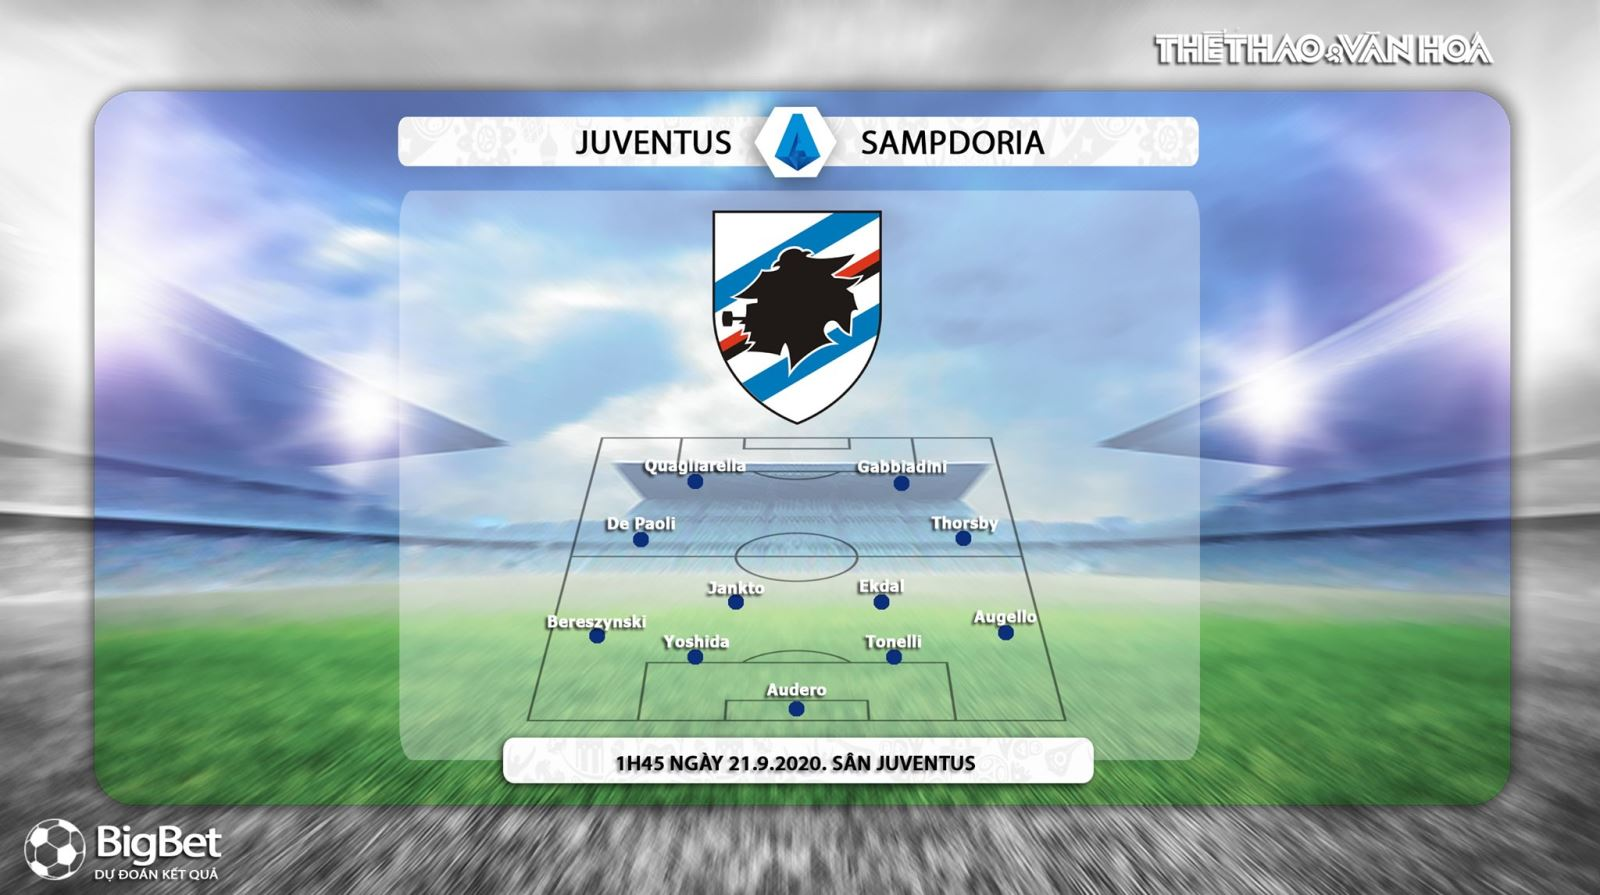 Juventus vs Sampdoria, soi kèo, kèo bóng đá, kèo thơm, kèo Juventus vs Sampdoria, soi kèo Juventus vs Sampdoria, nhận định Juventus vs Sampdoria, dự đoán Juventus vs Sampdoria